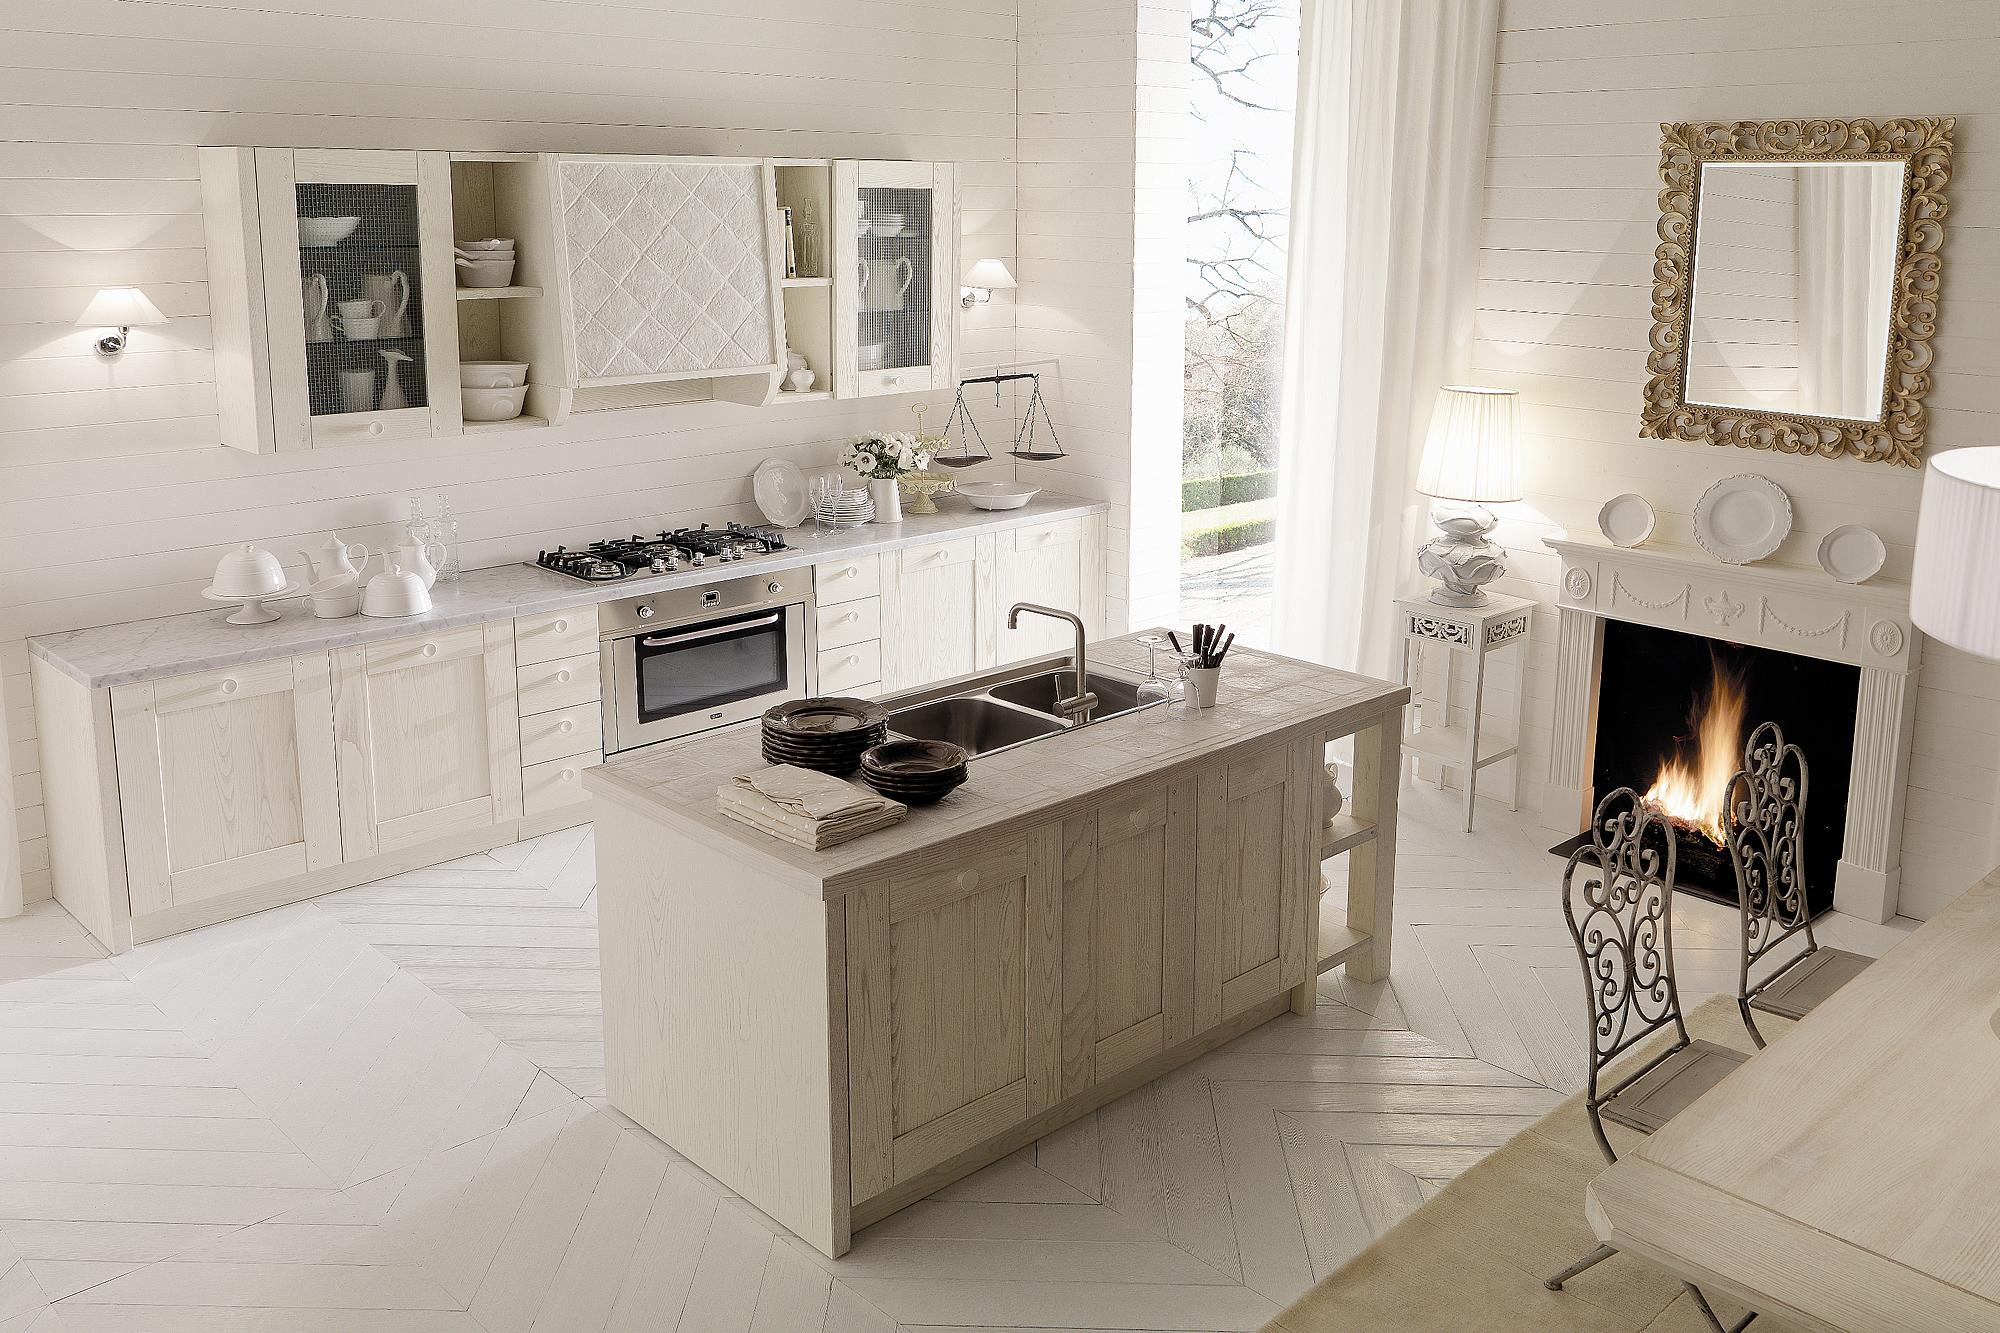 Cucine bianche country chic in muratura cucine in legno - Cucina bianca e legno ...